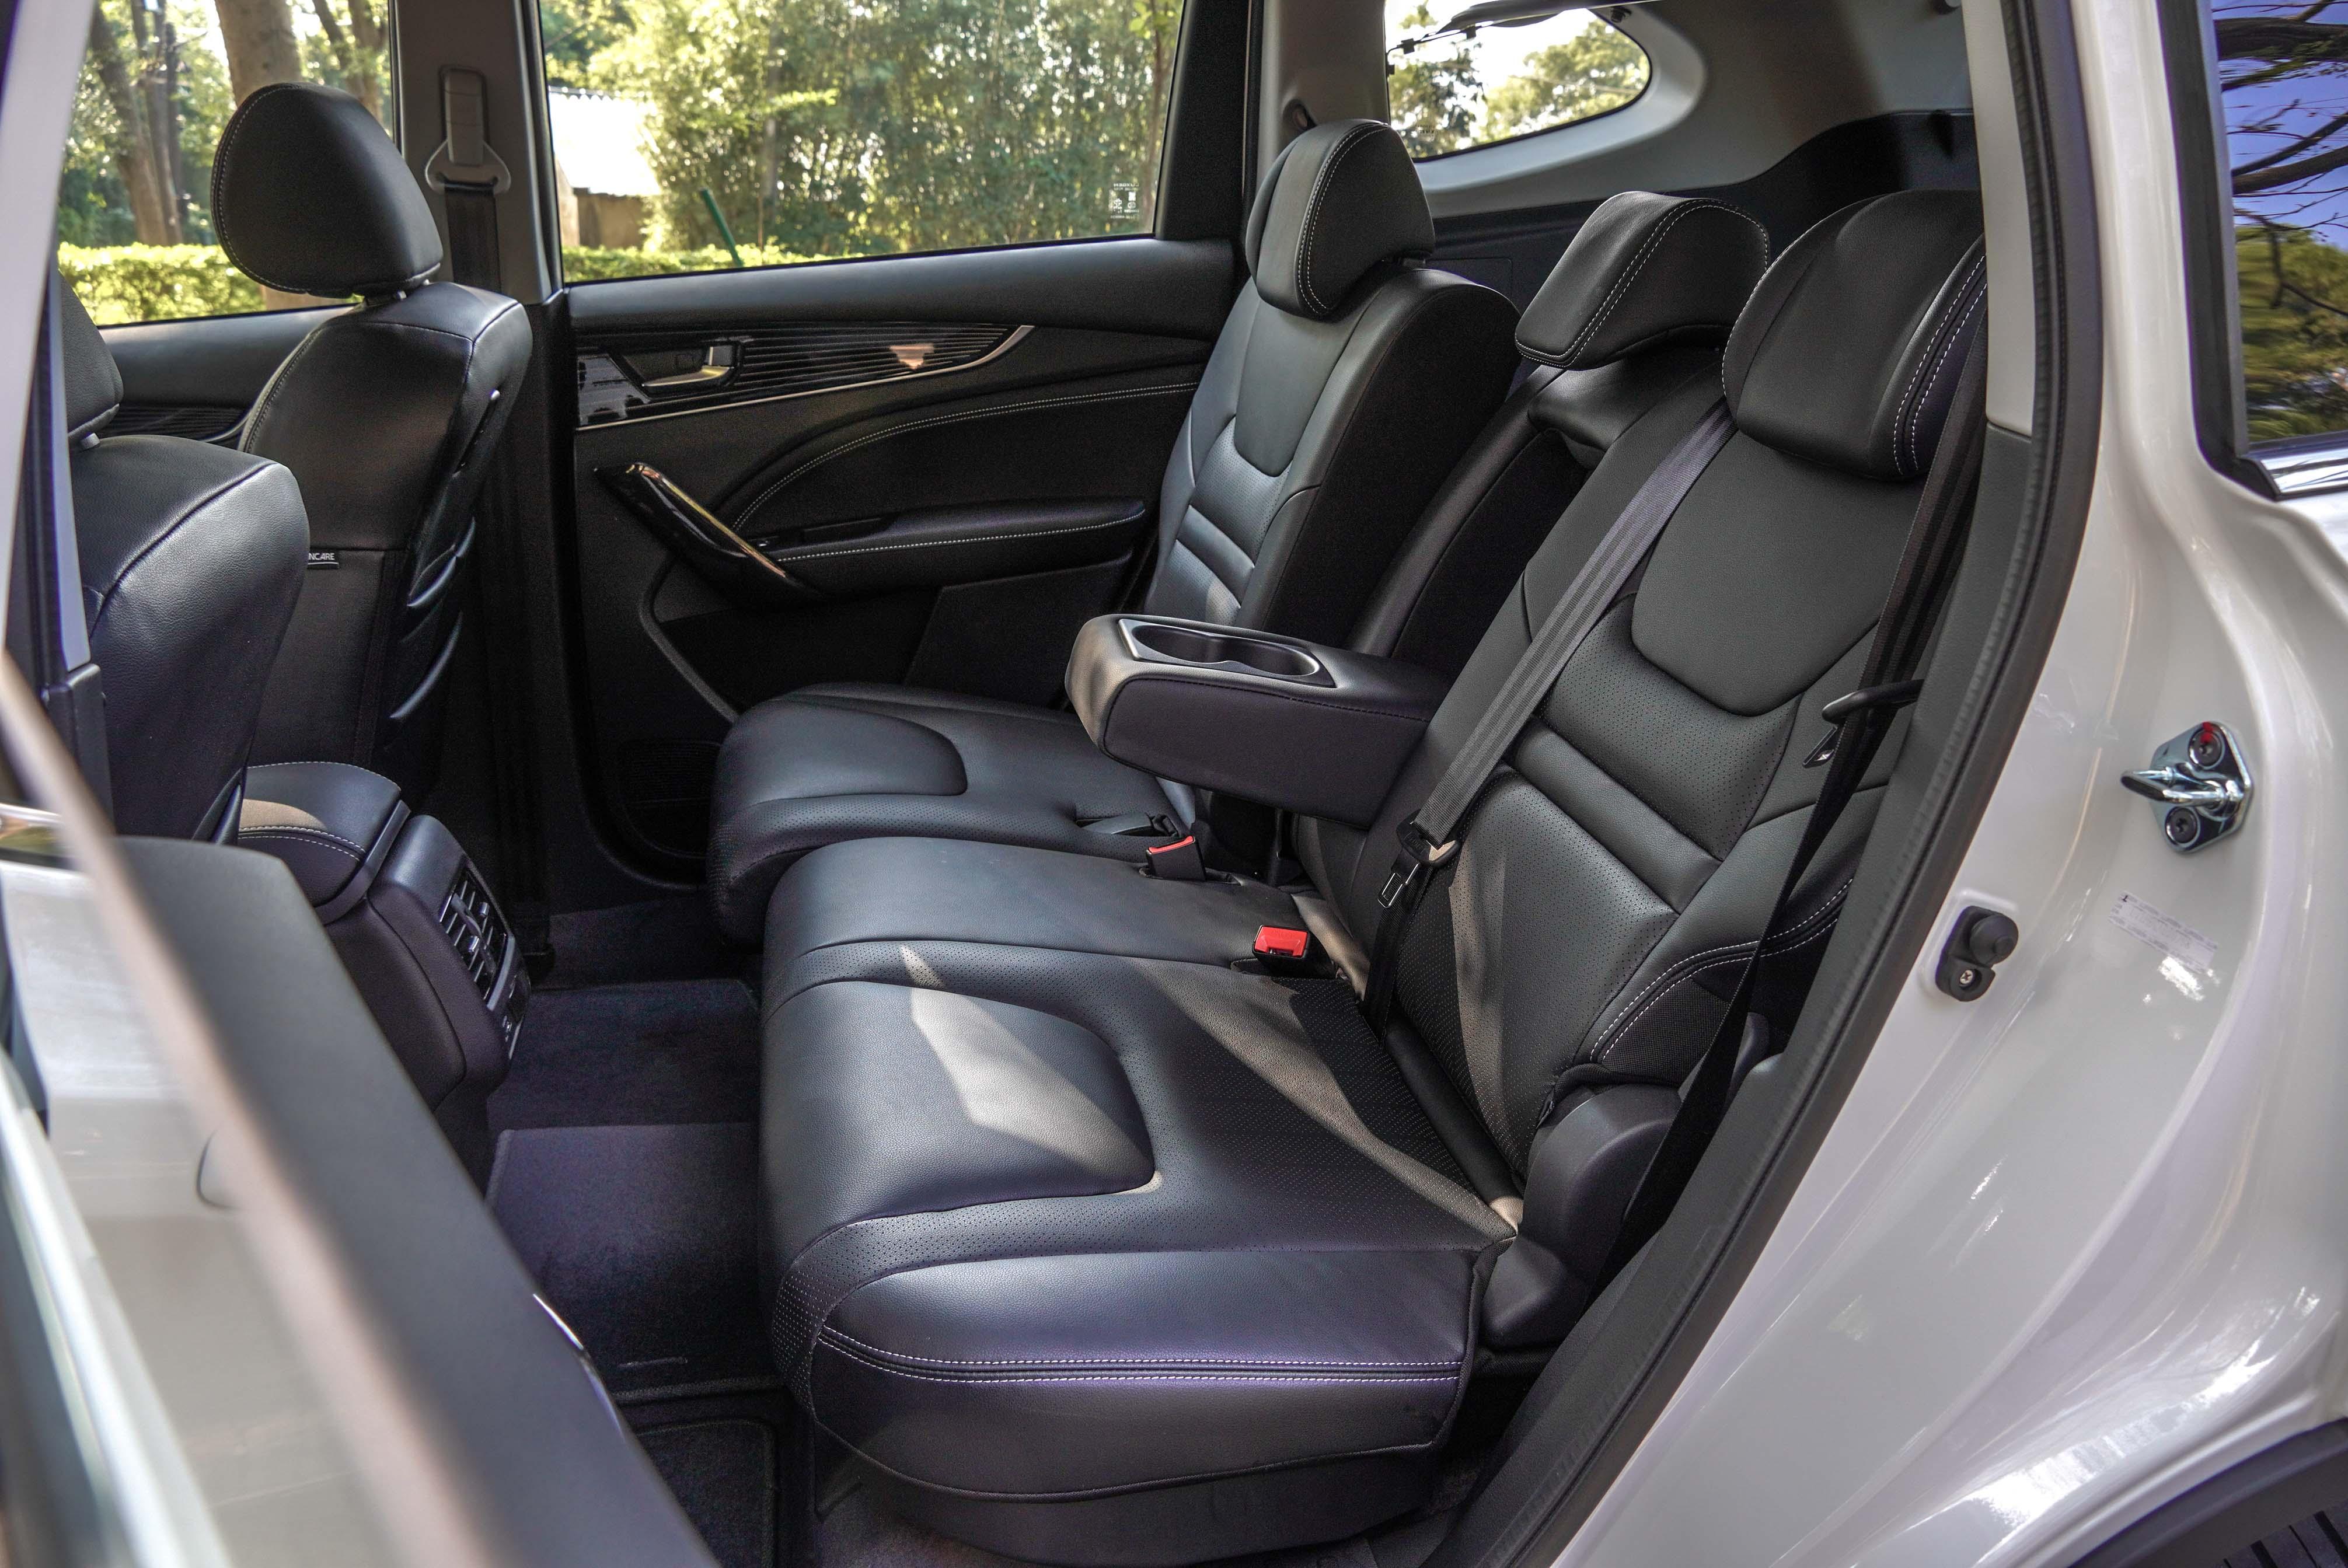 URX 五人座第二排椅背提供角度多段調節/前後滑移。